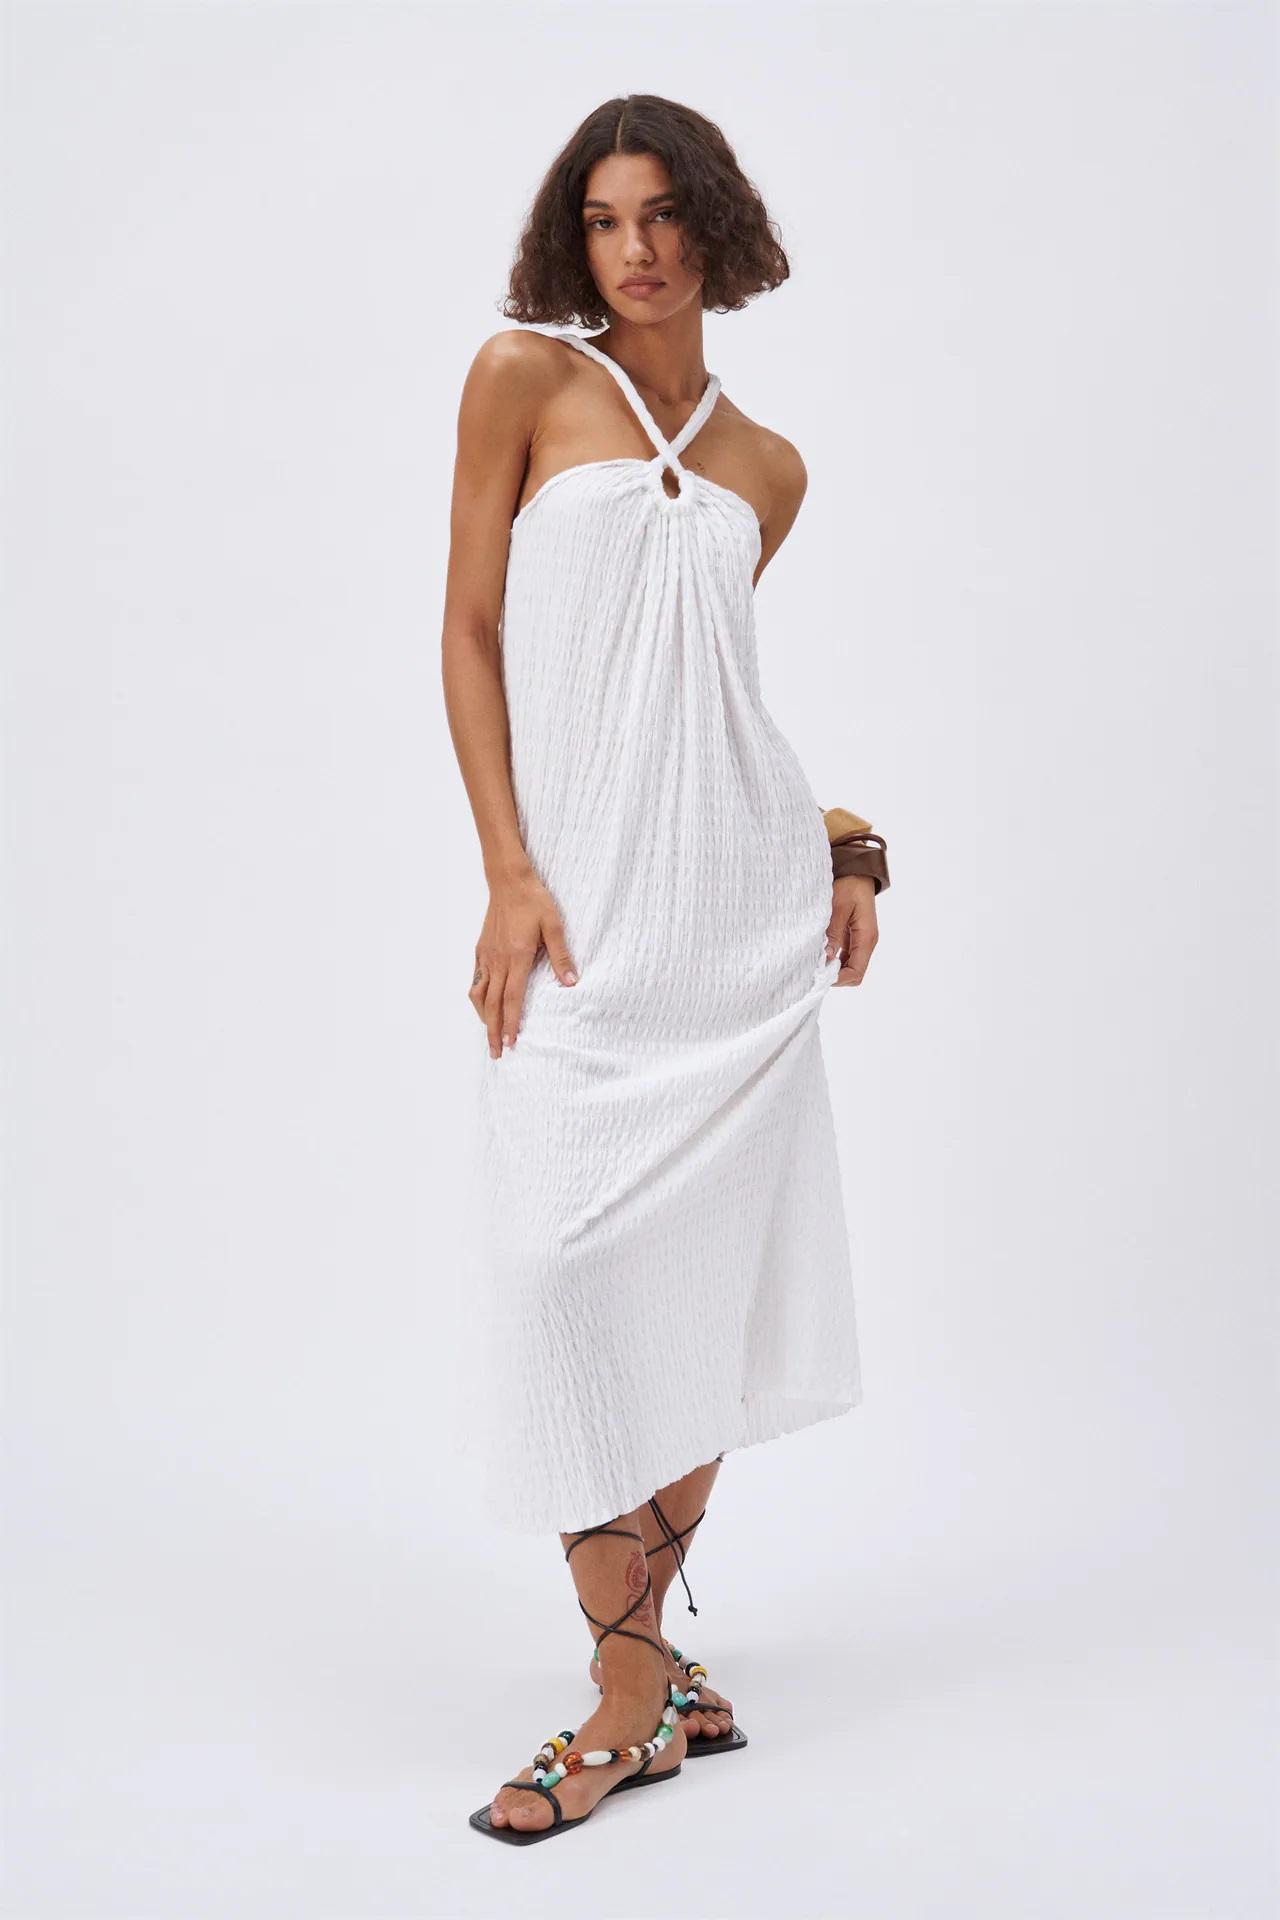 Hà Hồ diện váy Zara 1,3 triệu sang quá nhưng nếu thấy đắt thì bạn có thể tăm tia nhiều kiểu hao hao giá chỉ 1/4 - Ảnh 4.